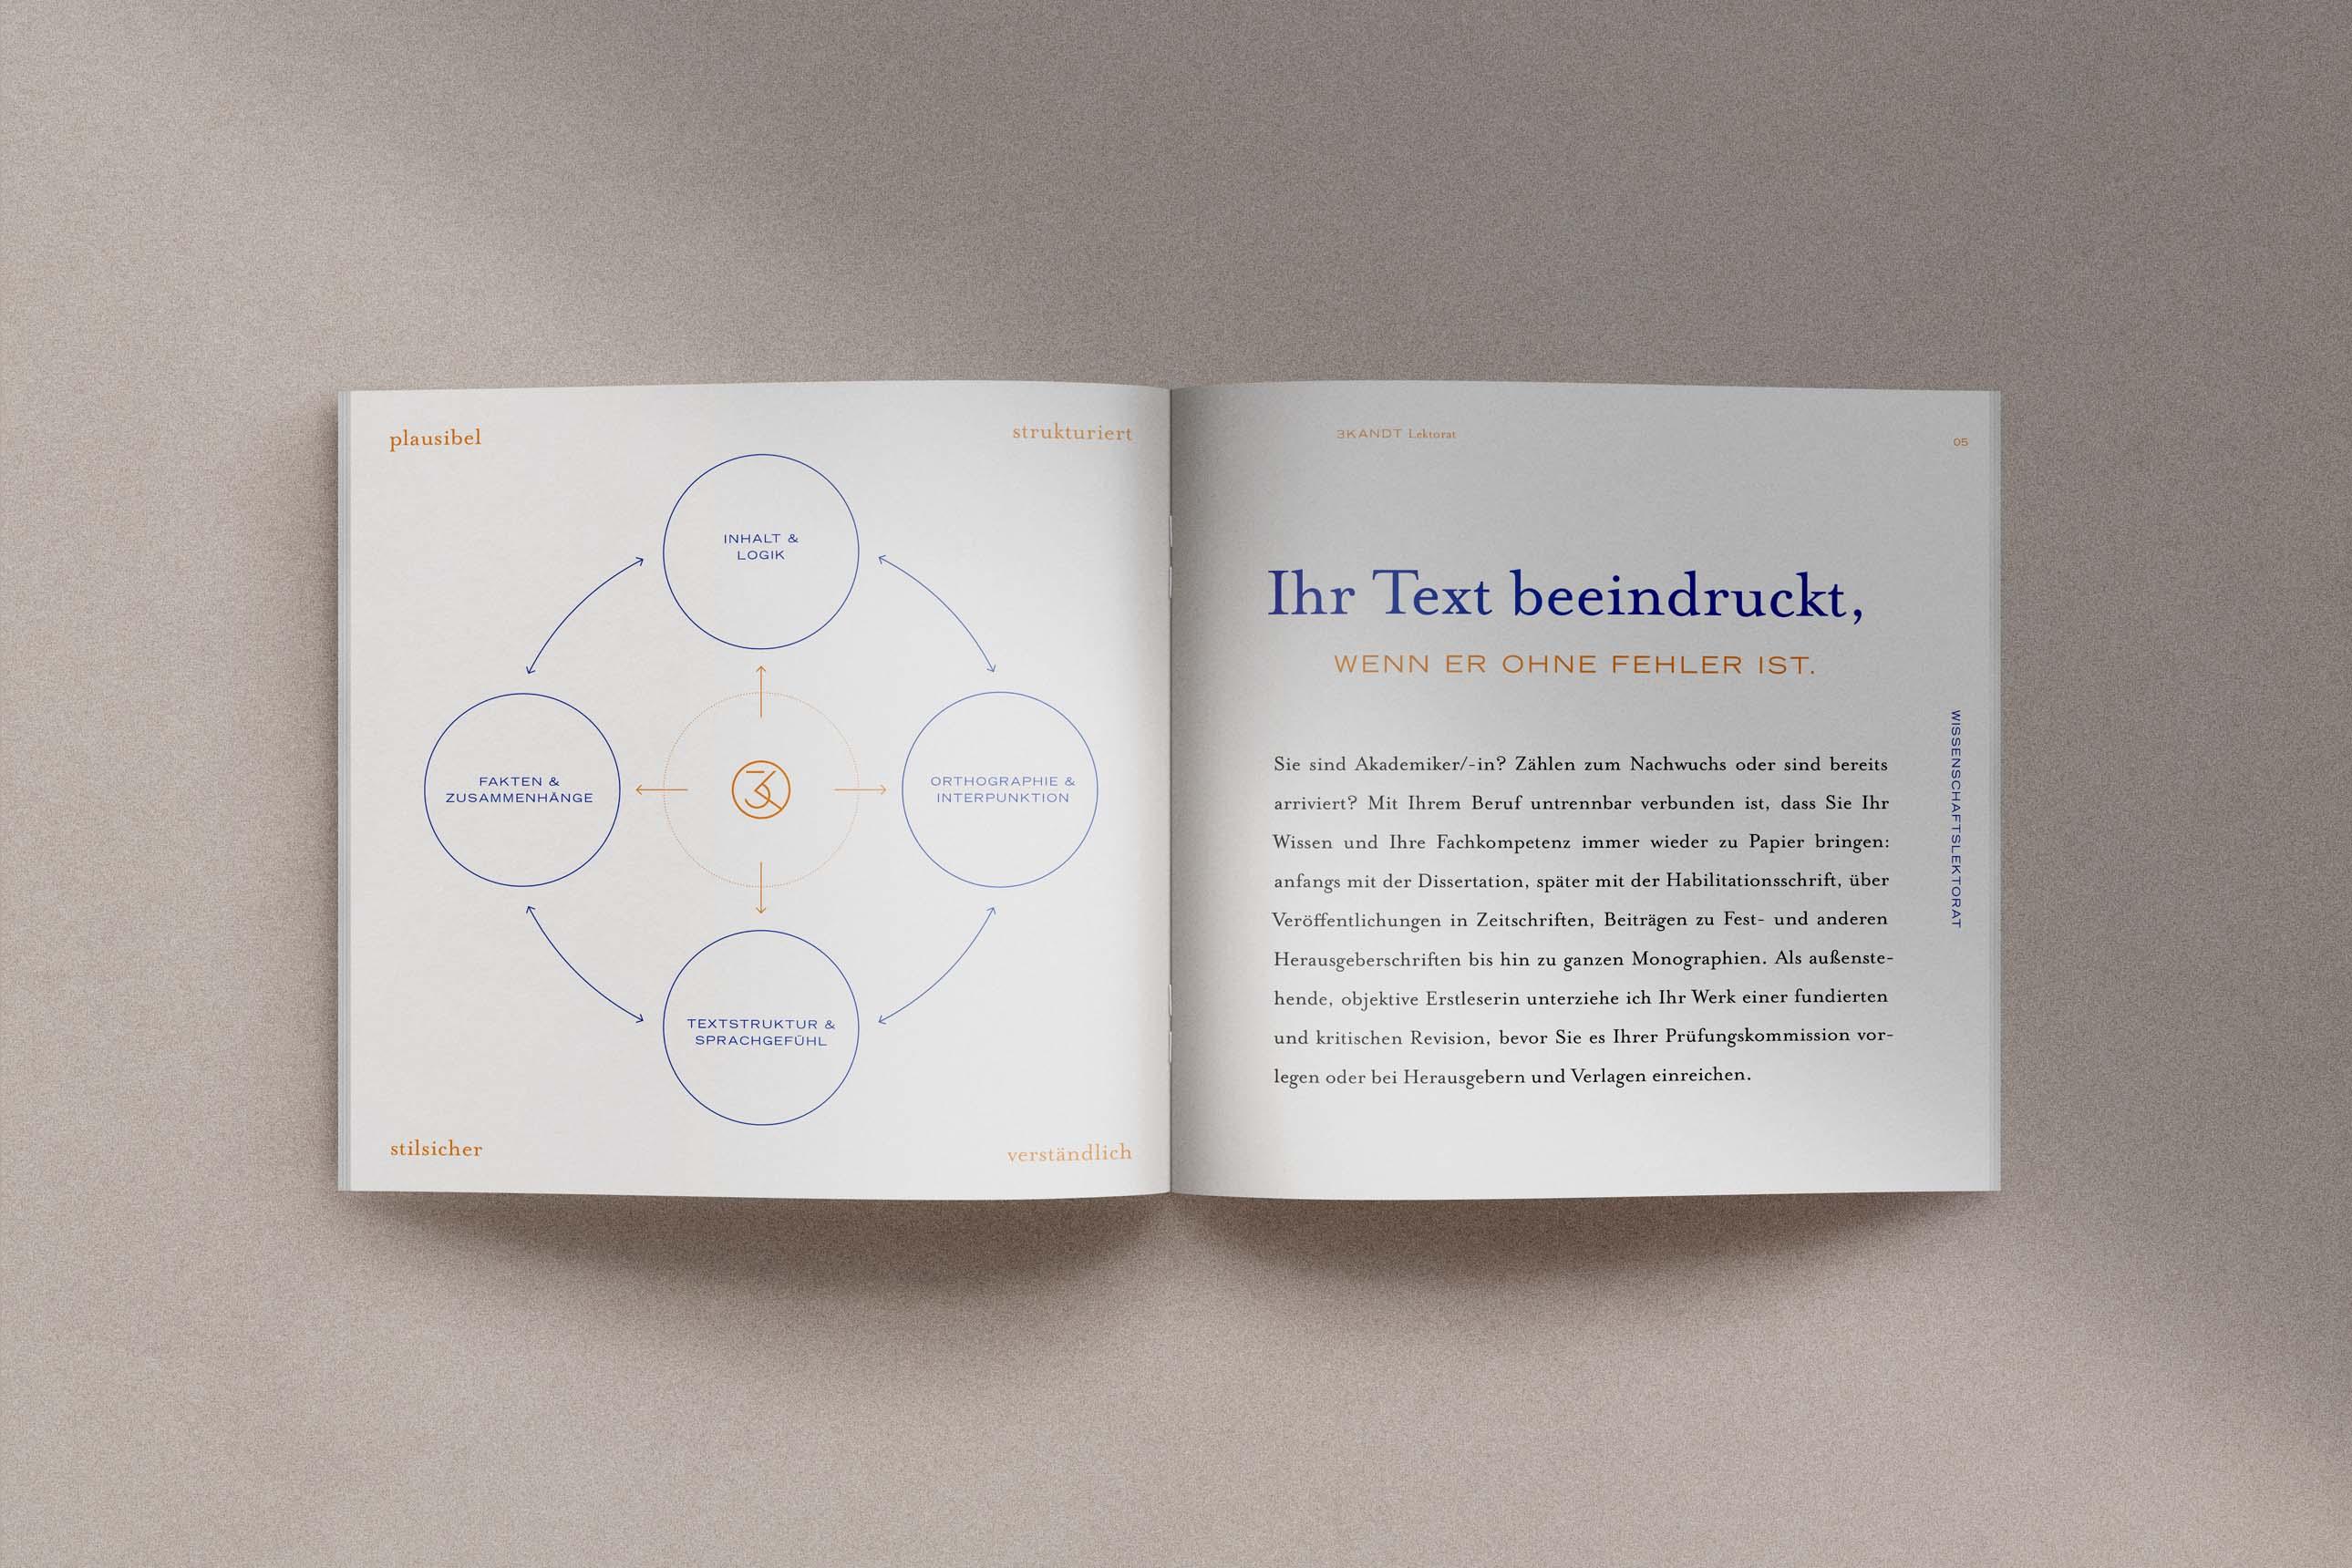 Grafikdesign der Imagebroschüre für Werbelektorat 3KANDT